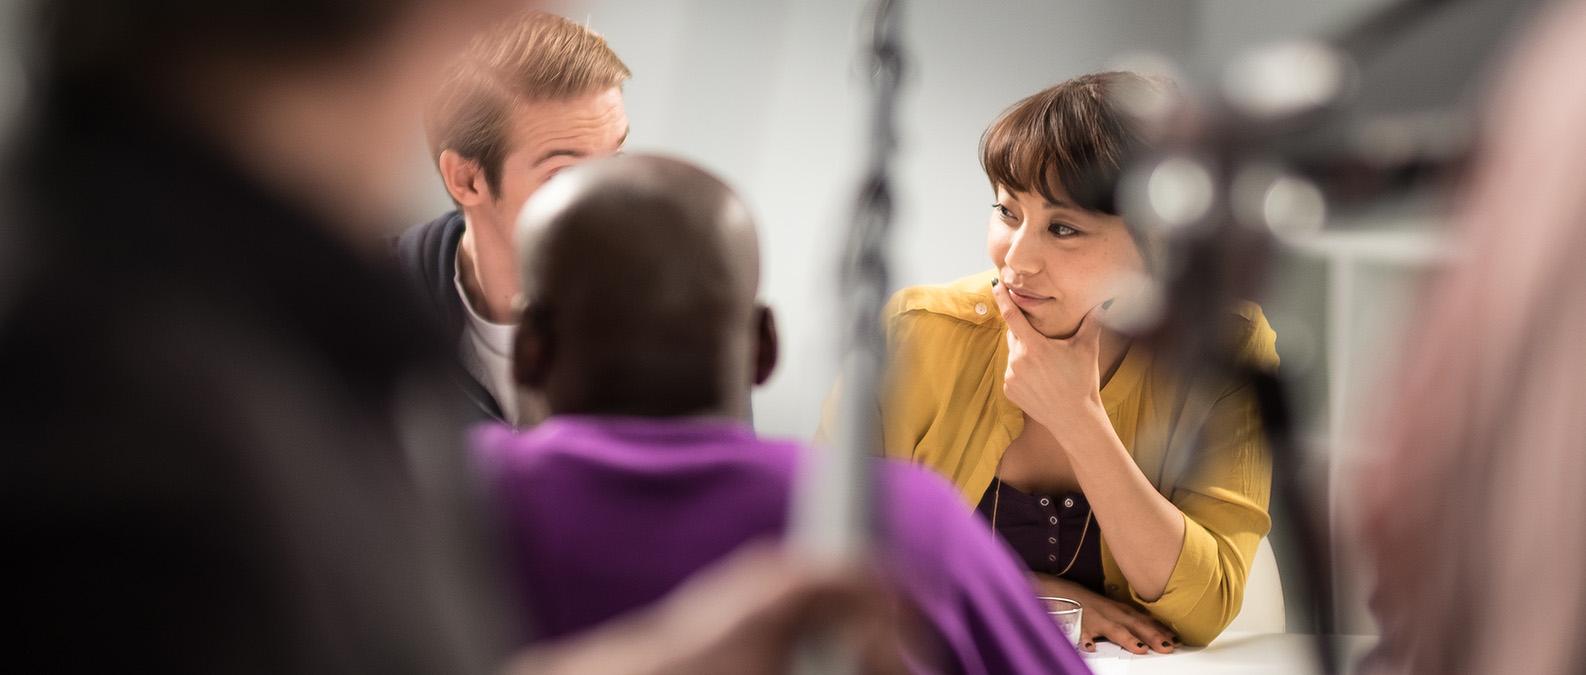 Filminspelning informationsfilm kvinna ser fundersam ut